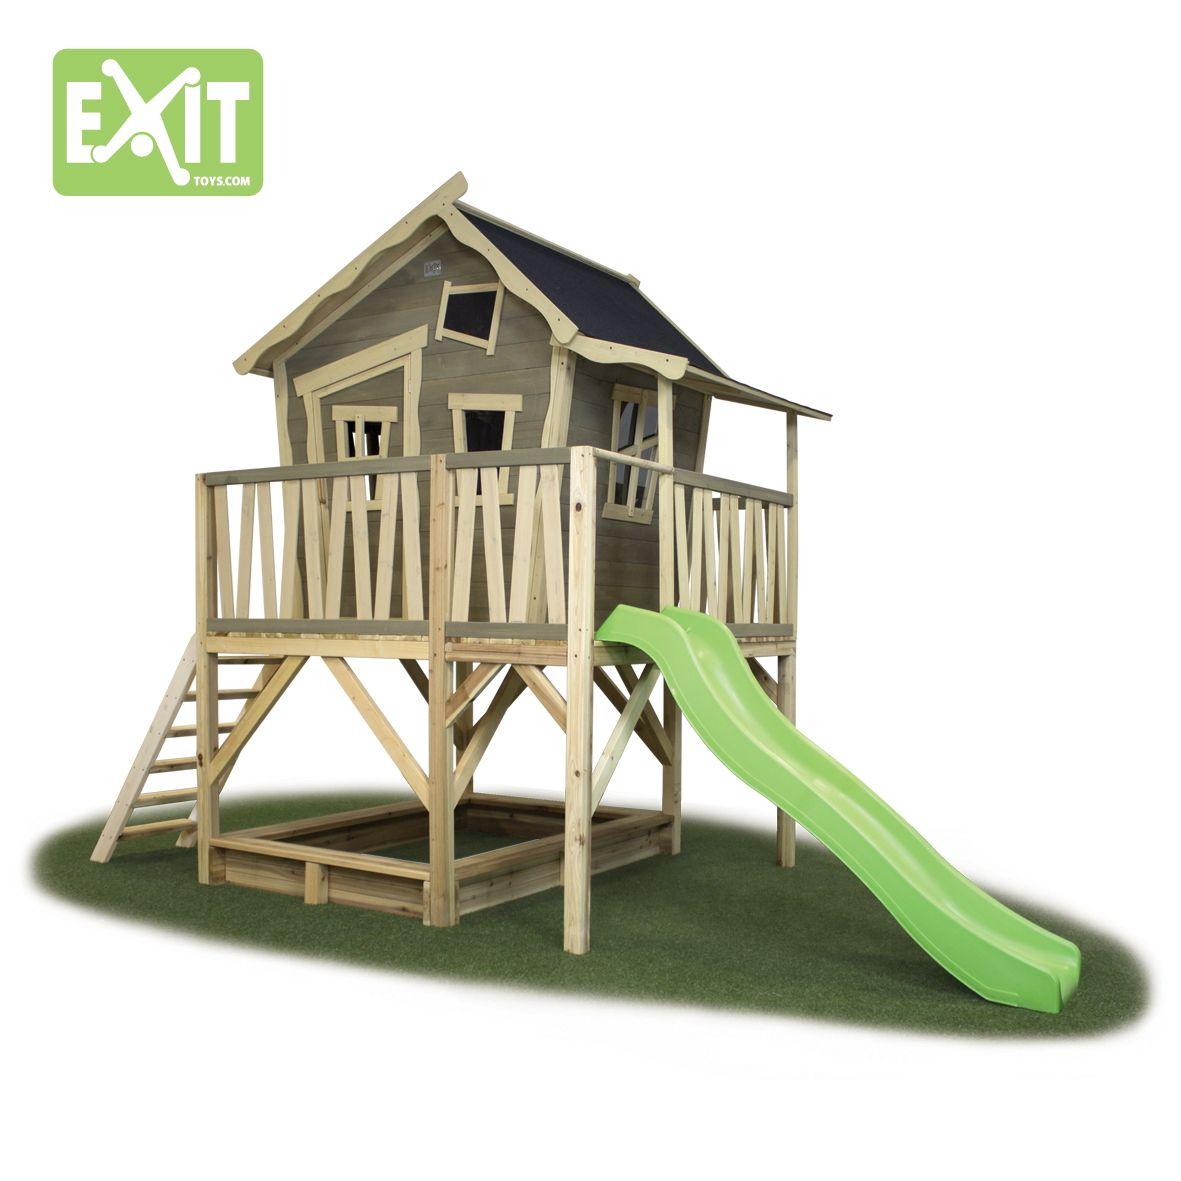 kinder-spielhaus exit crooky 550 holz-stelzenhaus auf großer, Moderne